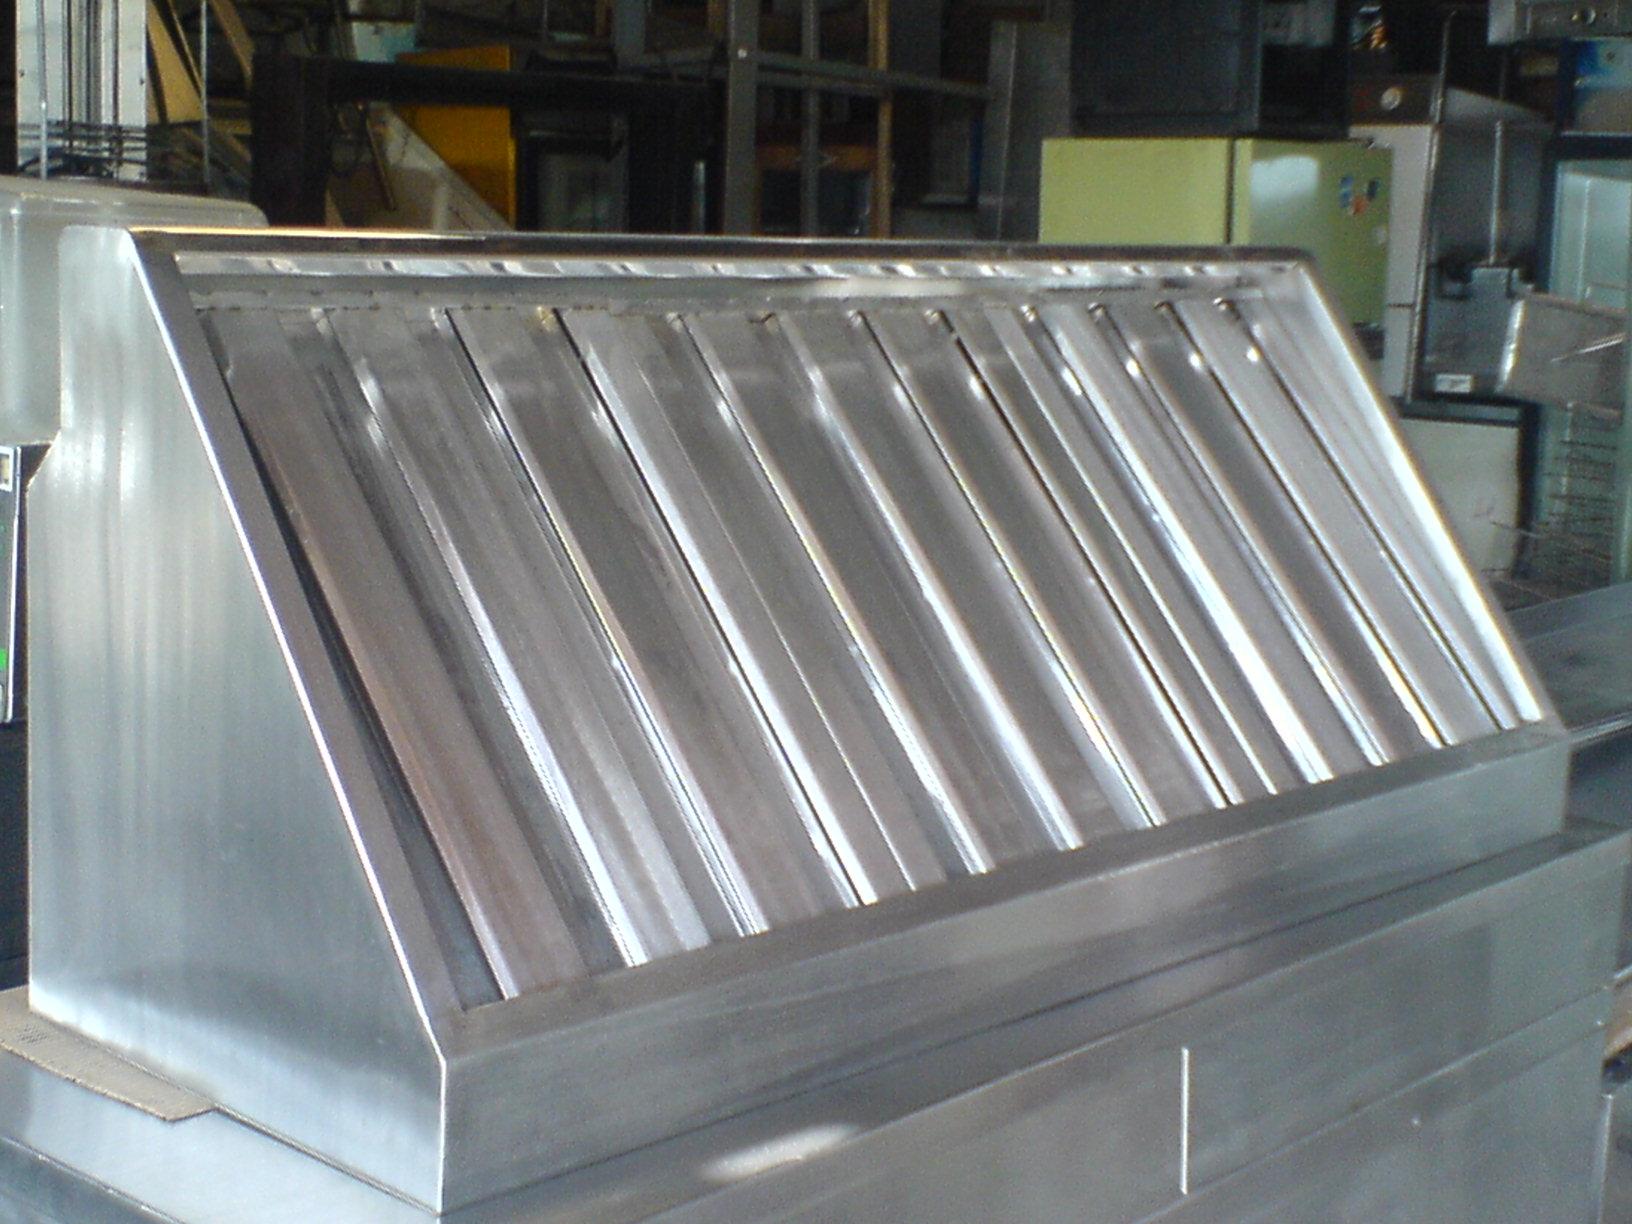 Industrial gas cocinas ltda campana extractora - Campana extractora cocina industrial ...